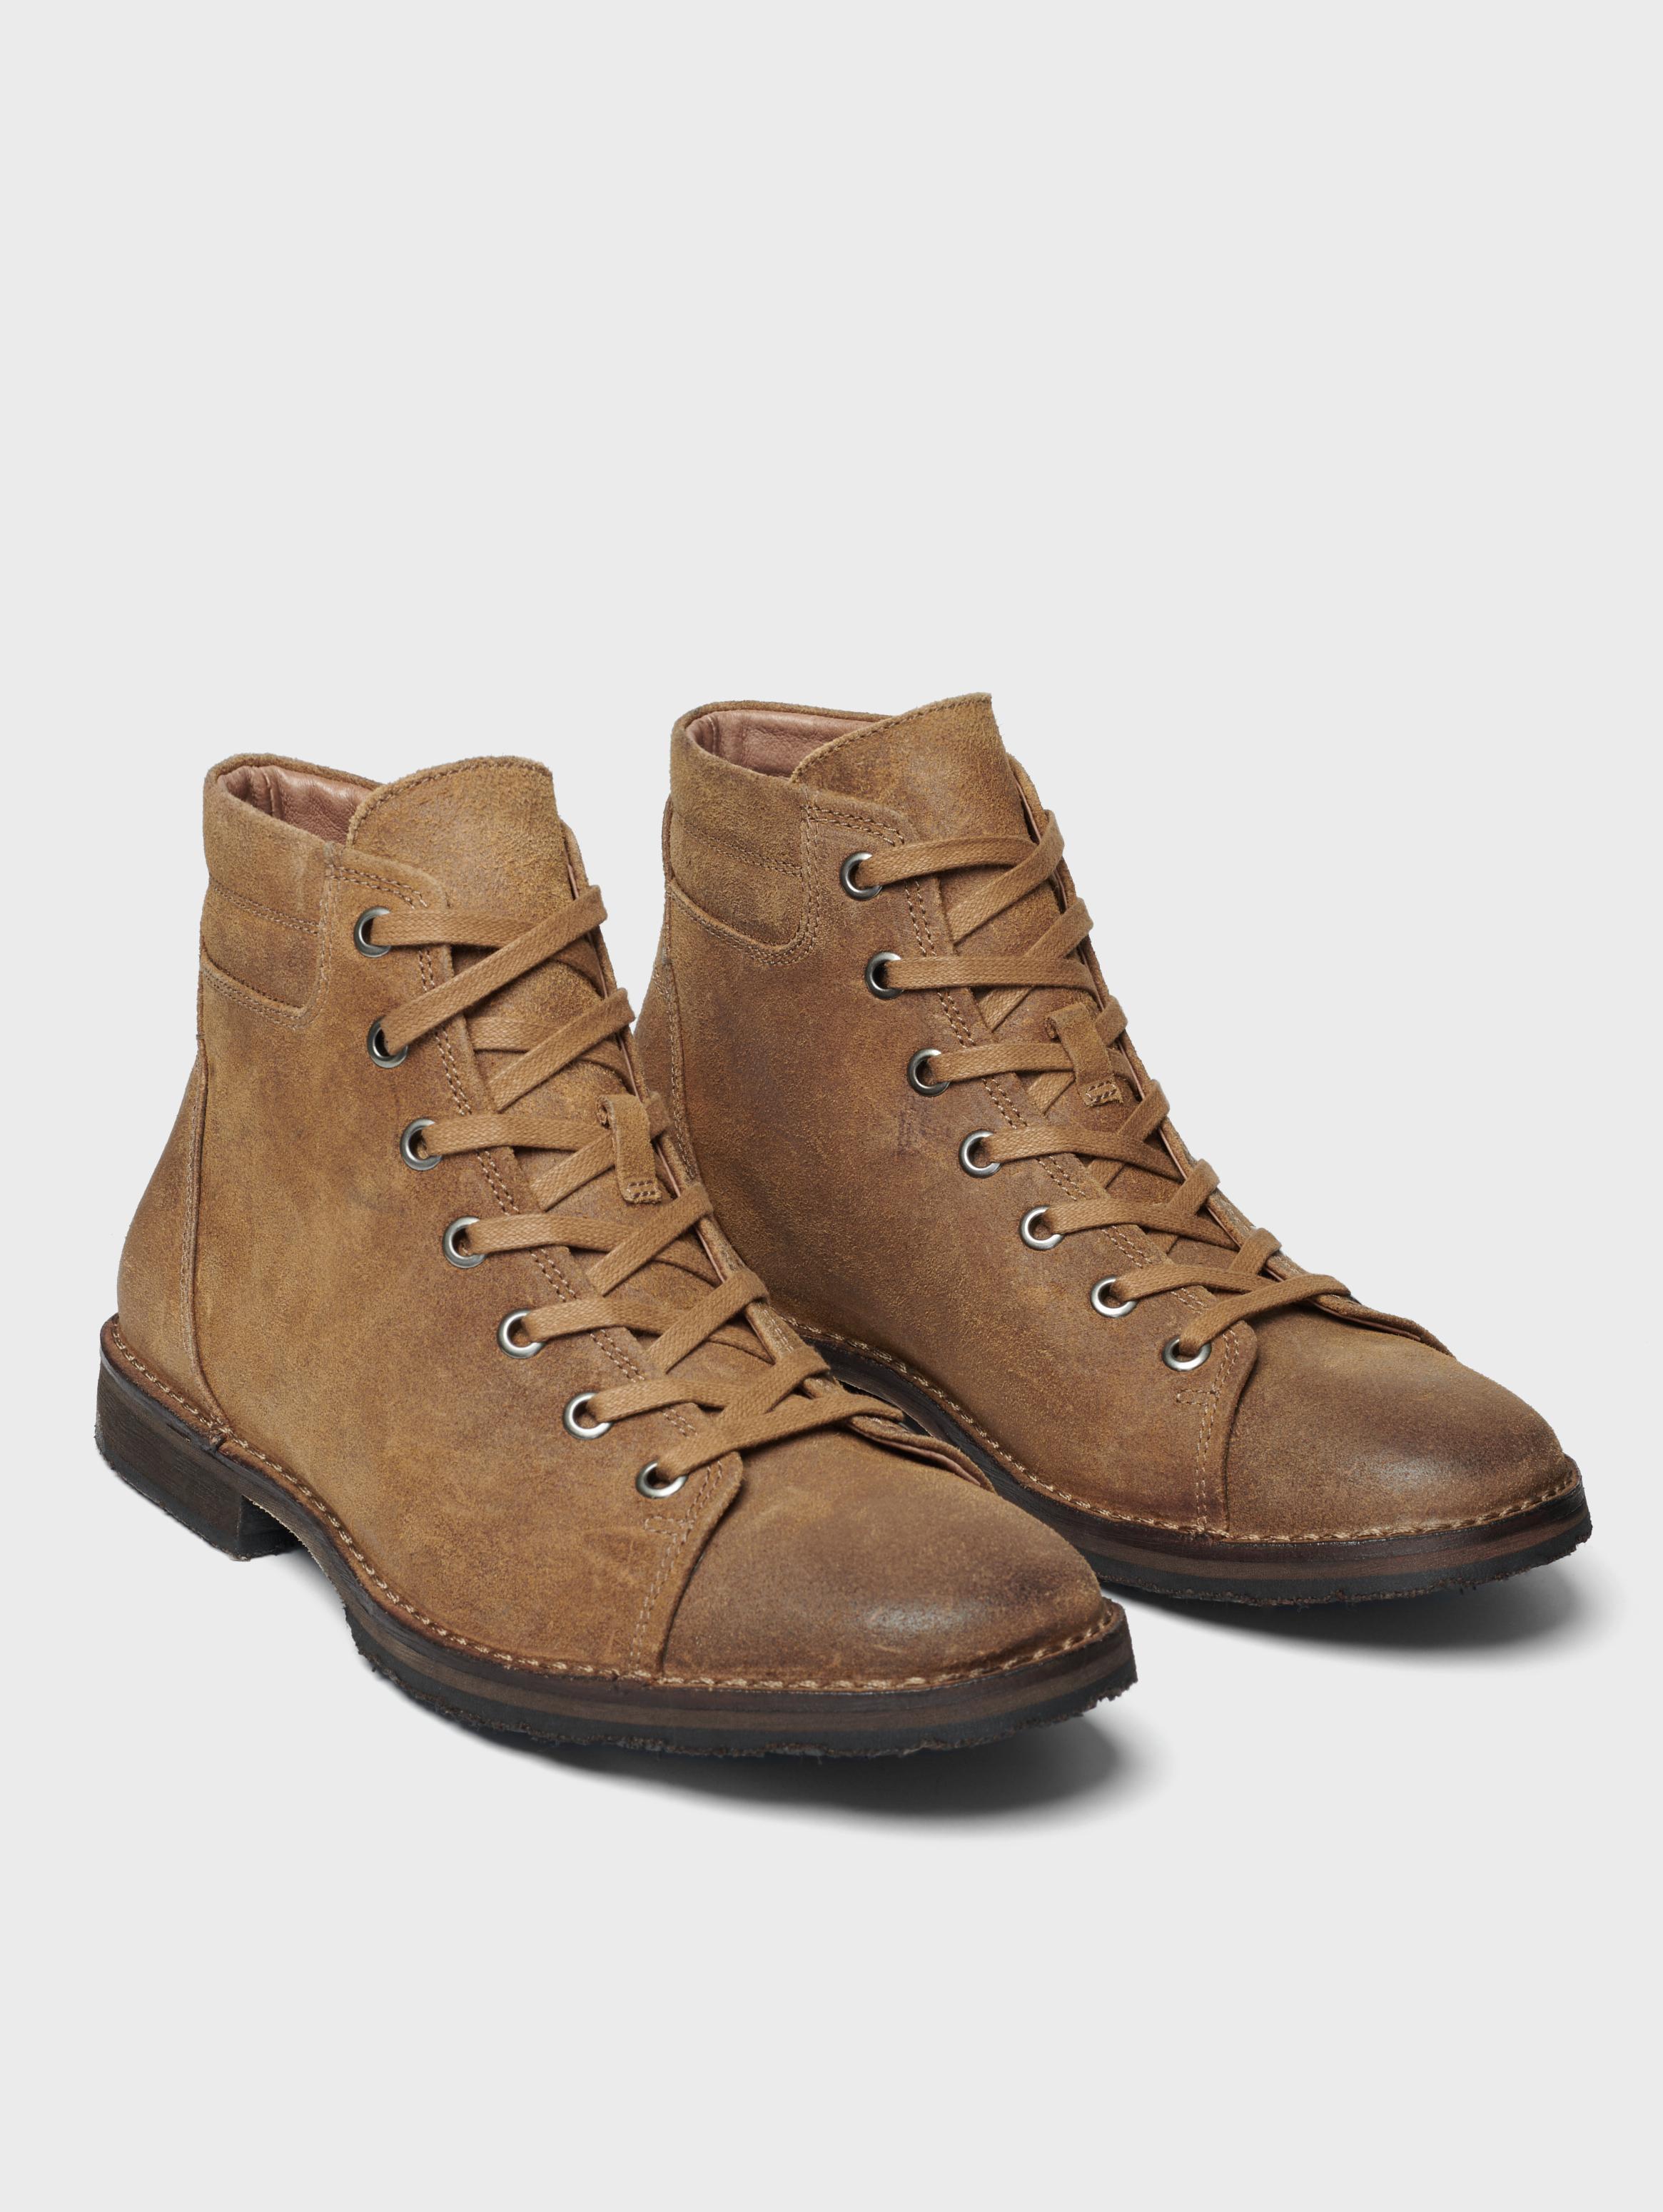 John Varvatos Portland Monkey Boot Clay